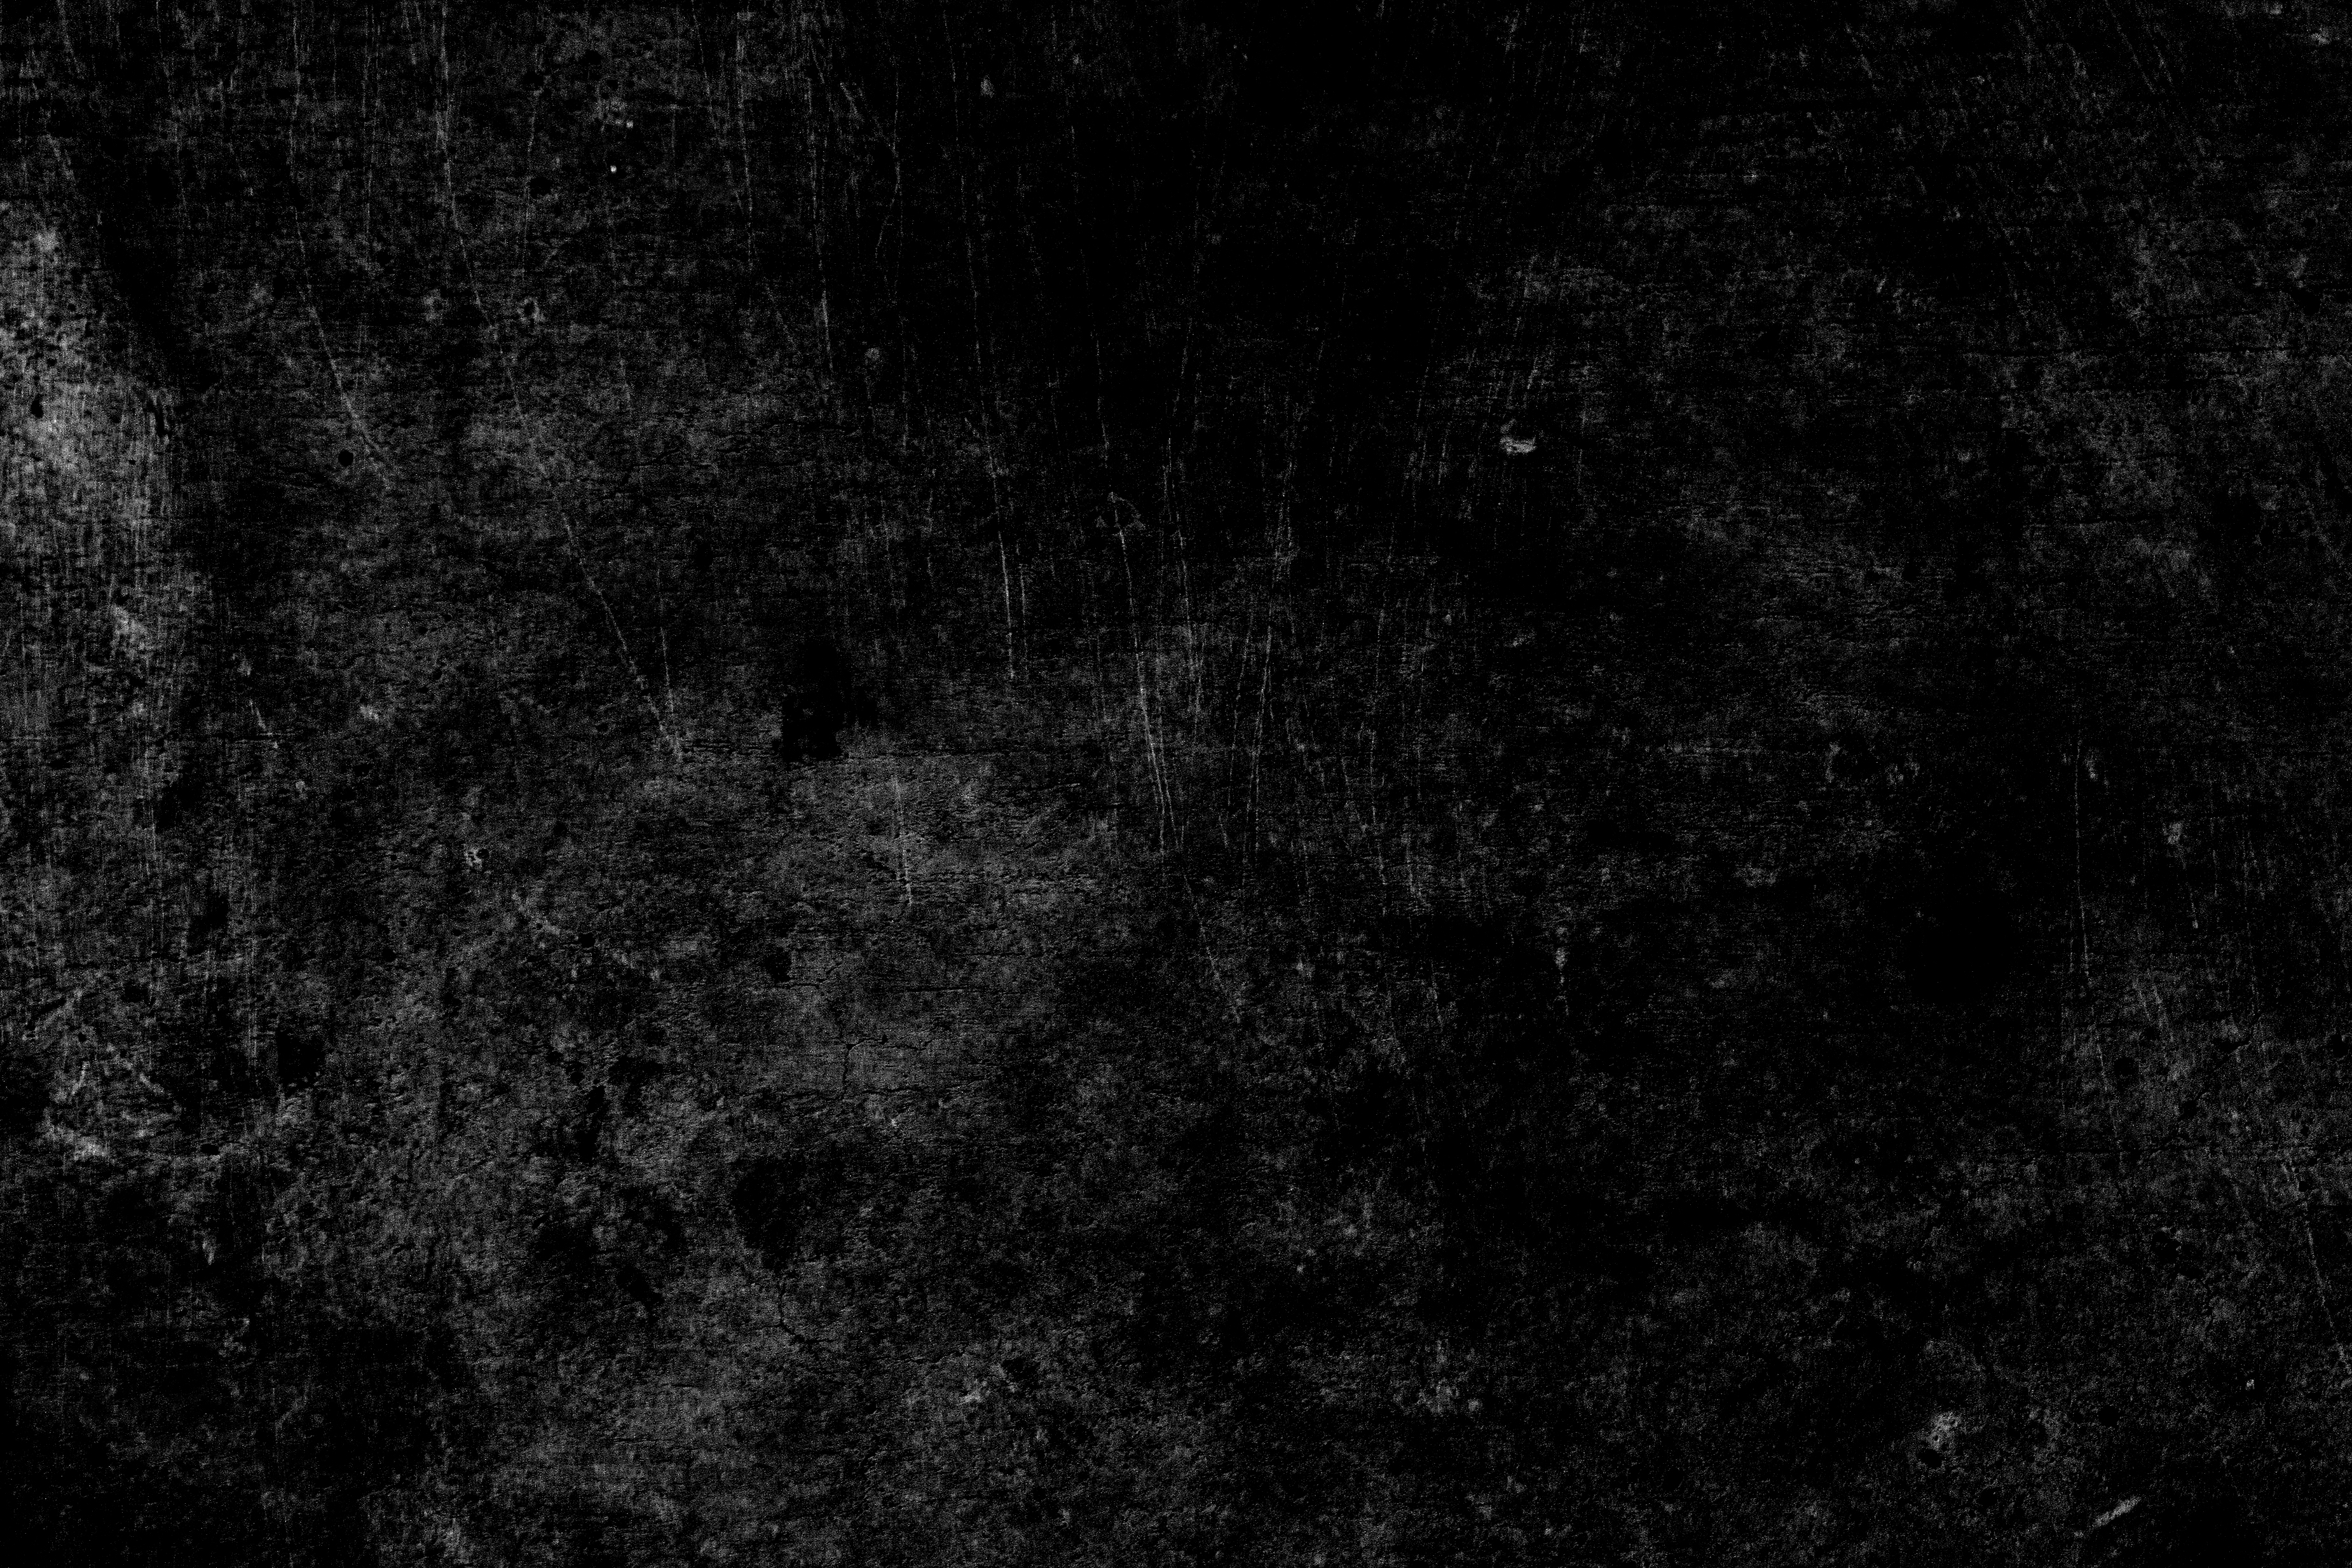 Grunge overlay texture photo